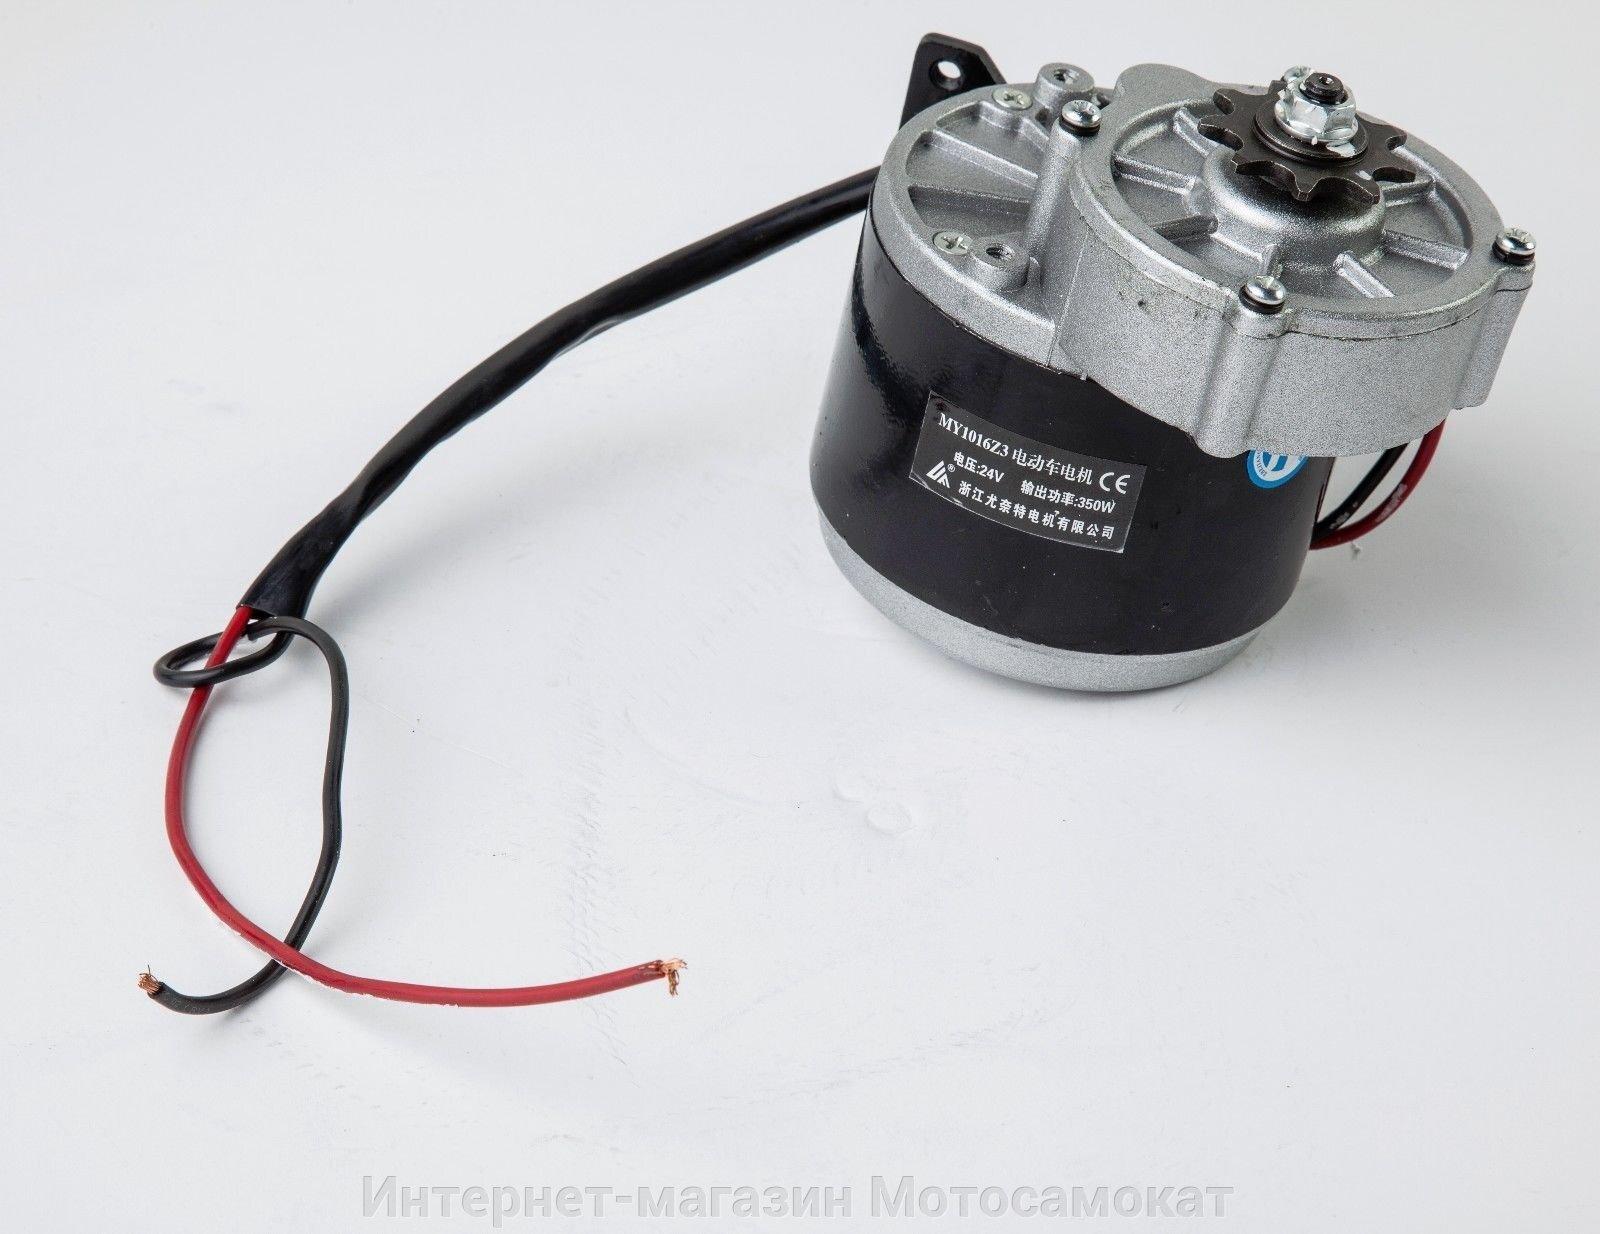 Электро двигатель MY1016z для электровелосипеда, 24 вольта 350 ватт.